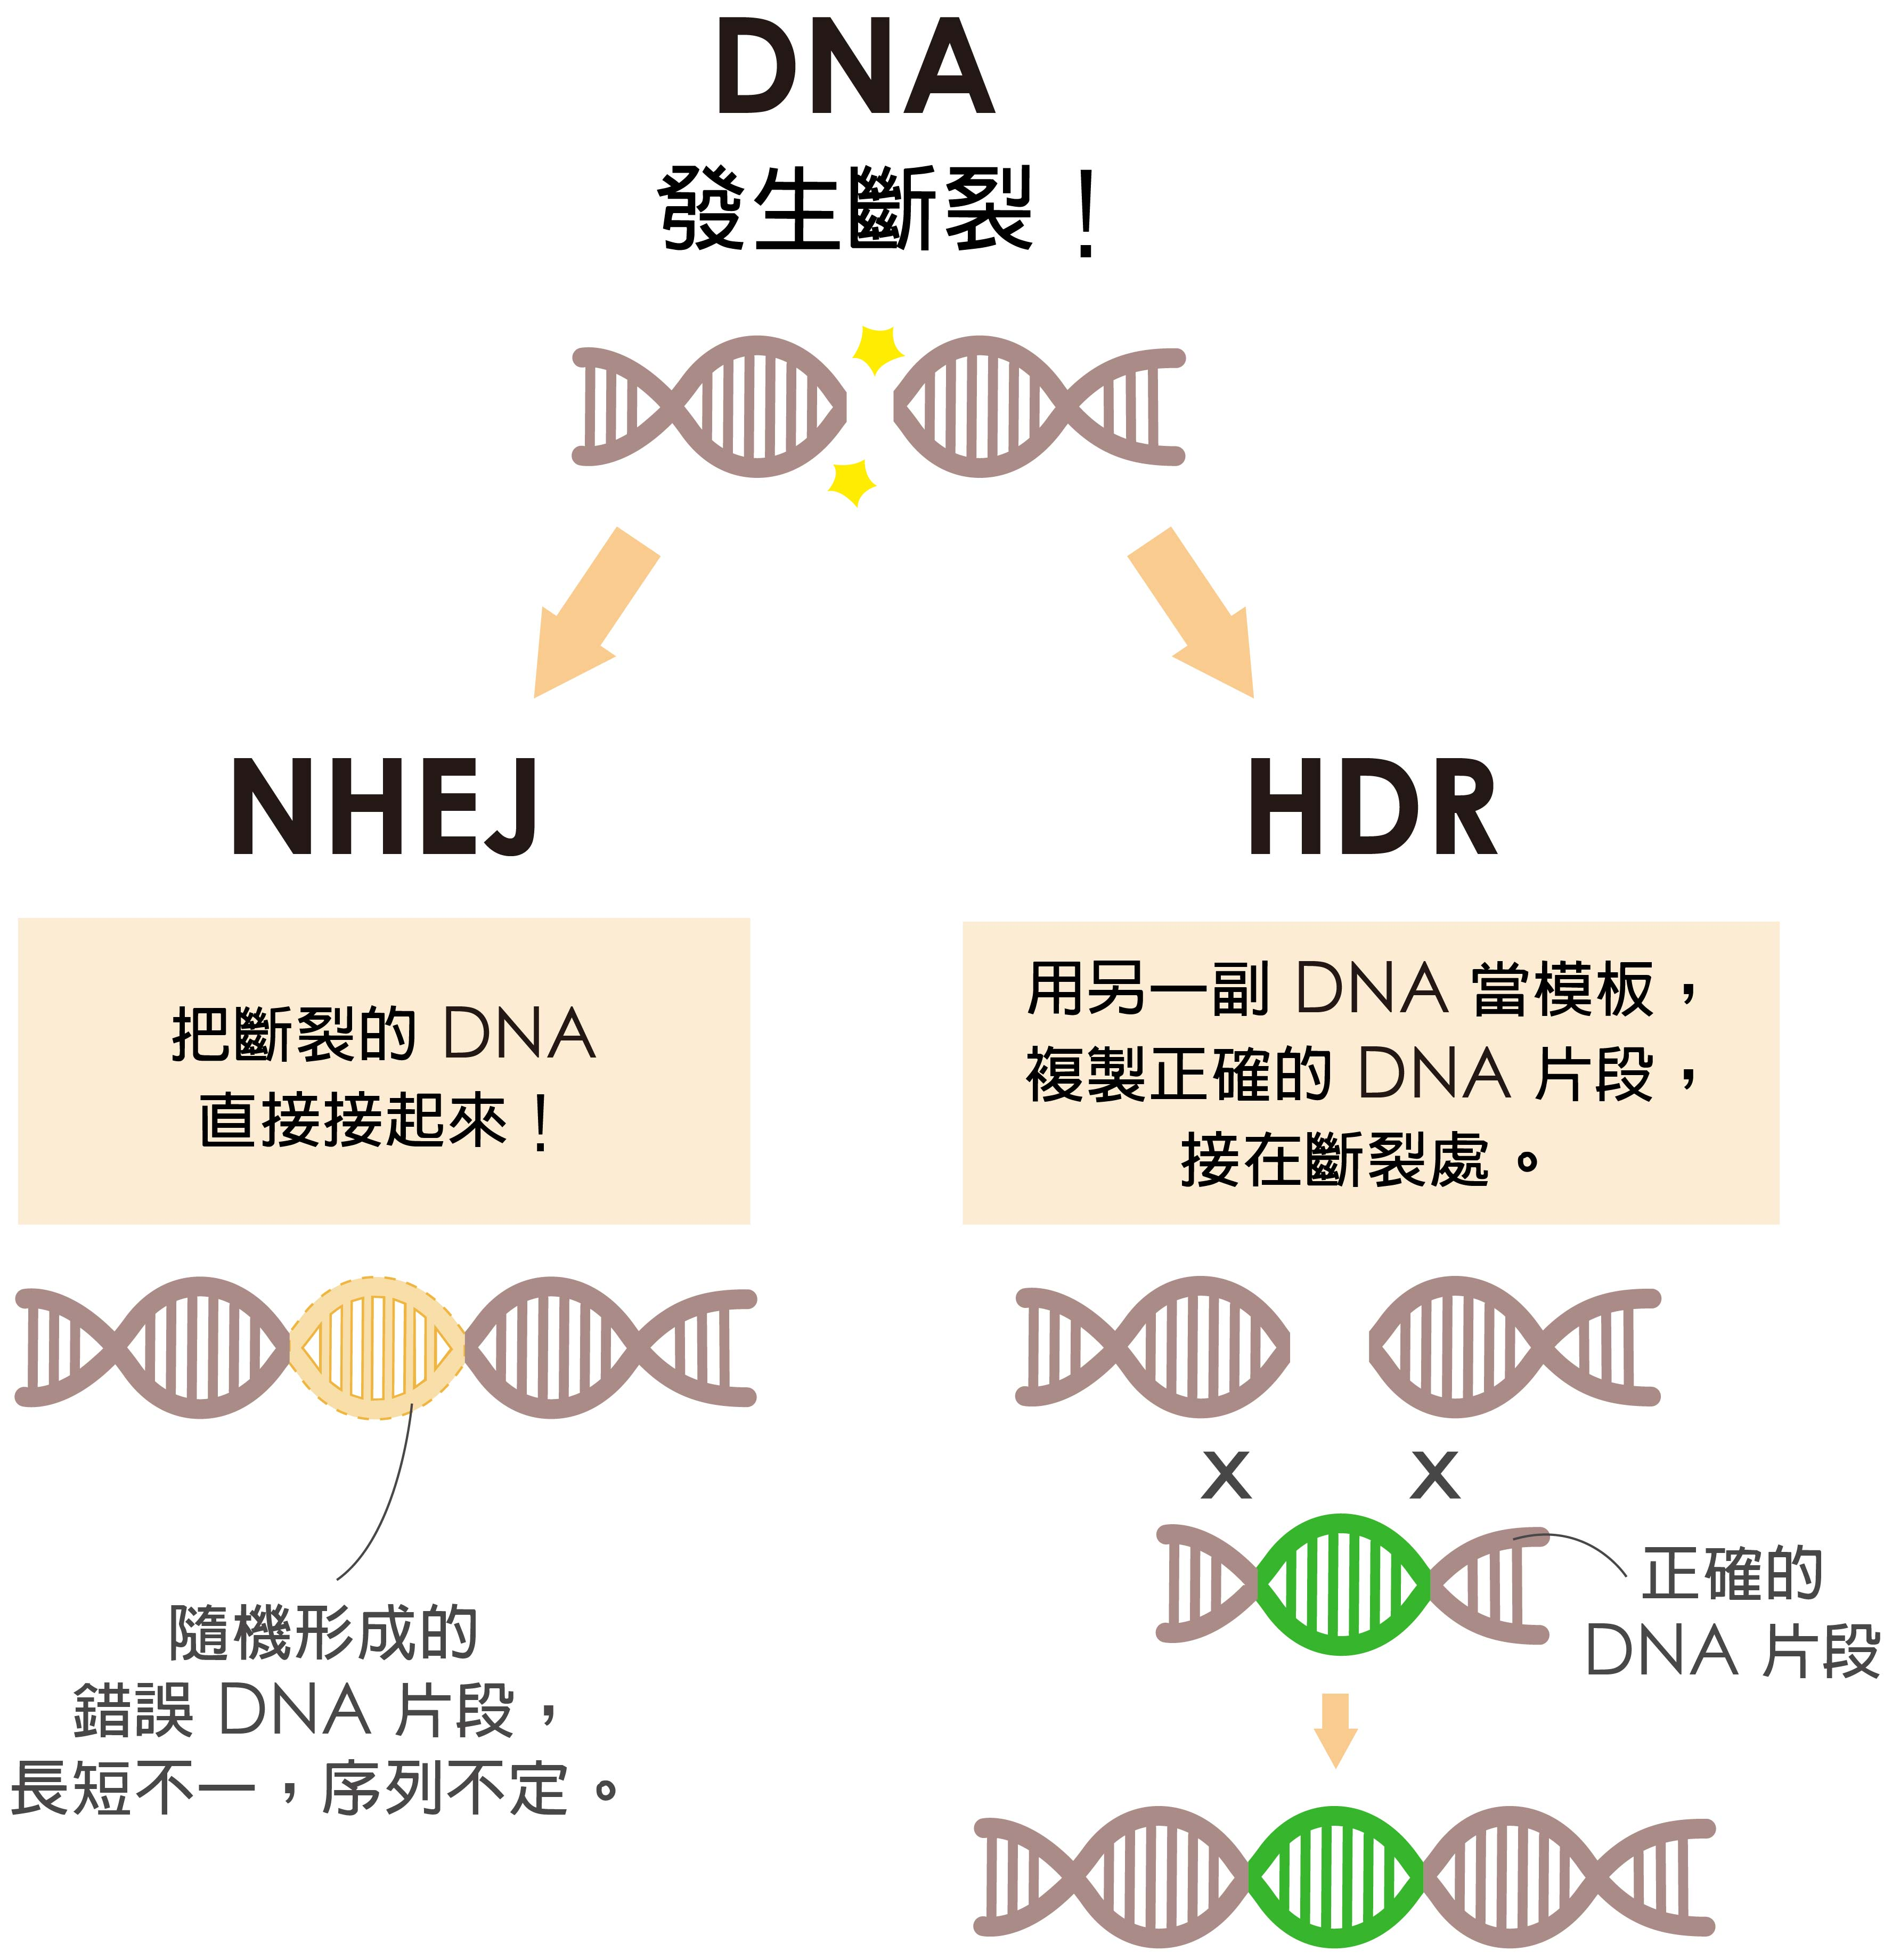 細胞修復 DNA 有兩條路,NHEJ 是直接把斷裂處接起來,HDR 是拿另一副 DNA 做模板複製正確的 DNA 片段,接在斷裂處。當細胞選擇走 HDR,才有可能接受外界送入的正確基因。圖說設計│黃曉君、林洵安 資料來源│凌嘉鴻